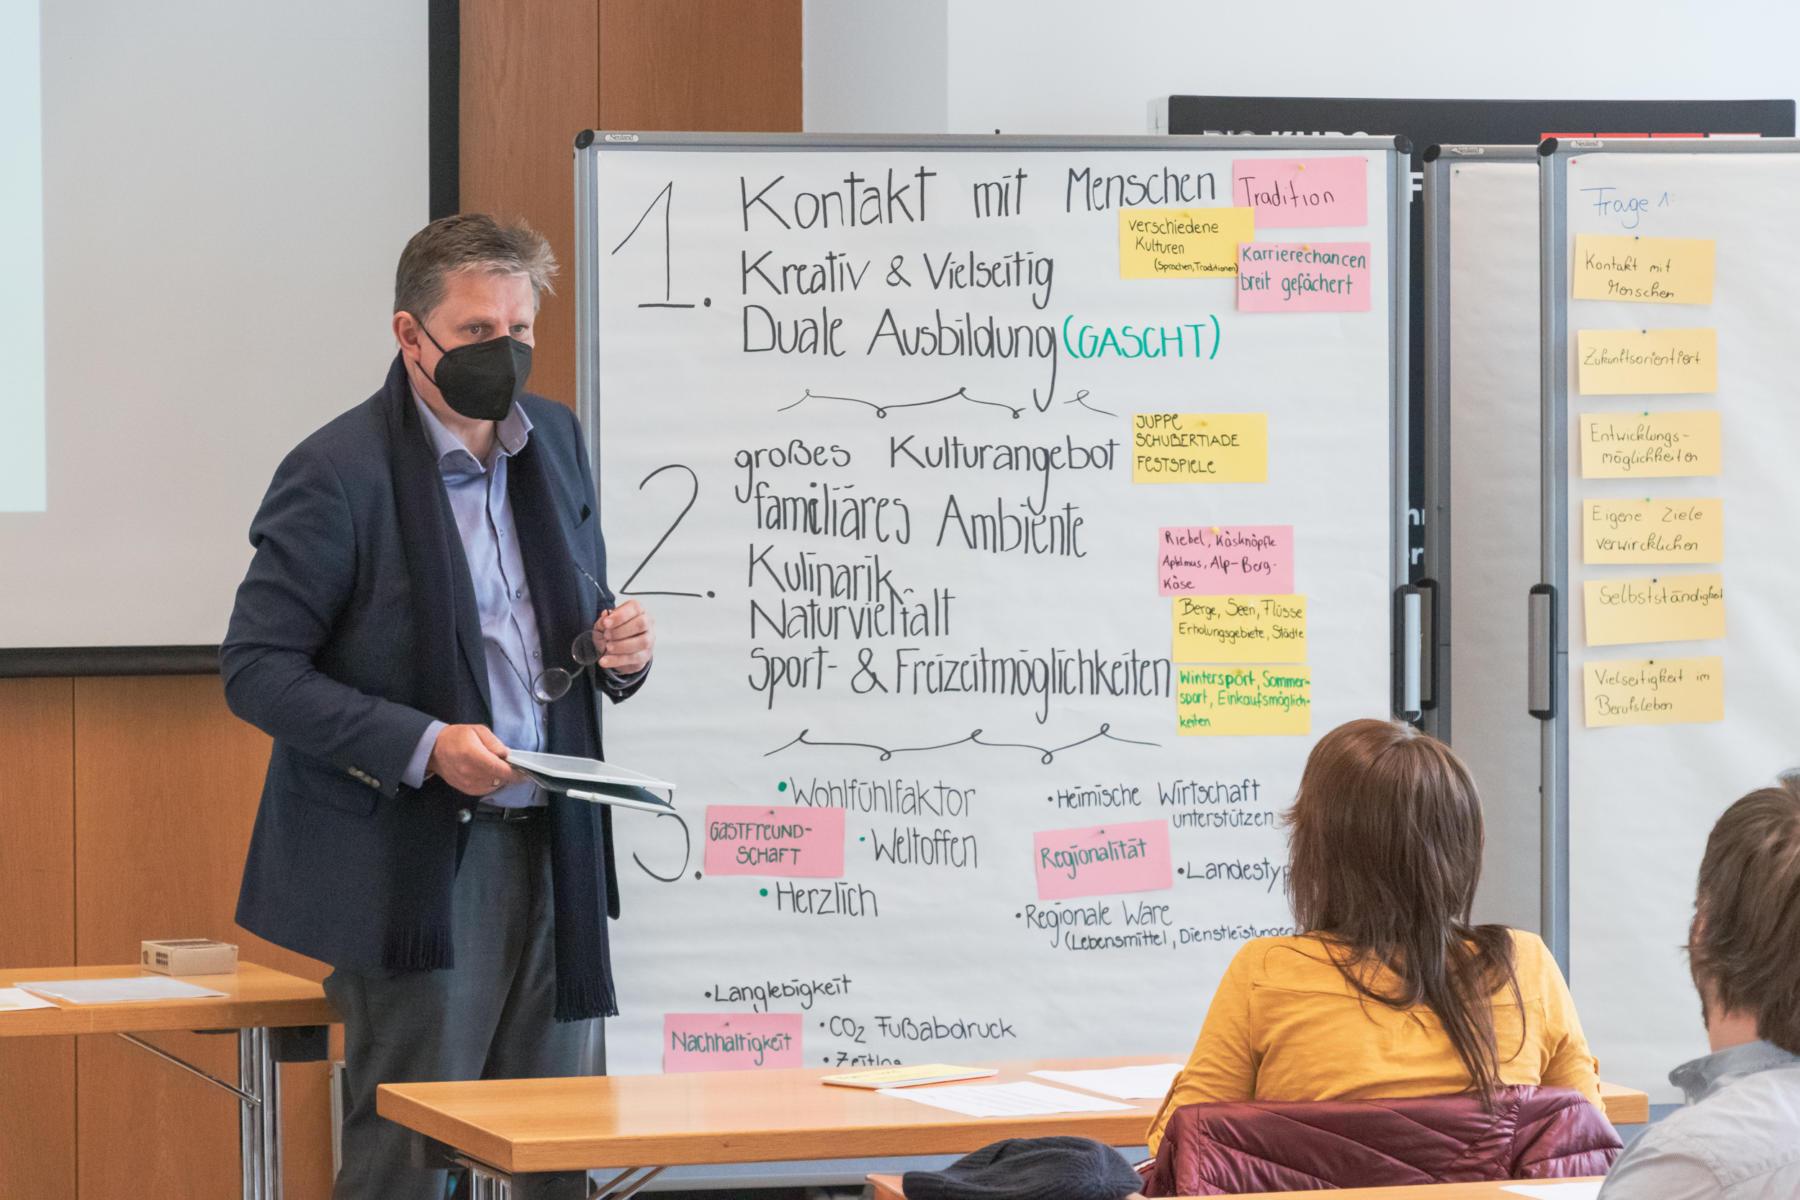 vorarlberg tourismus workshop 11 1800x1200 - Spannende Fokusgruppen und Fach-Workshops zur Evaluierung der bisherigen Tourismusstrategie